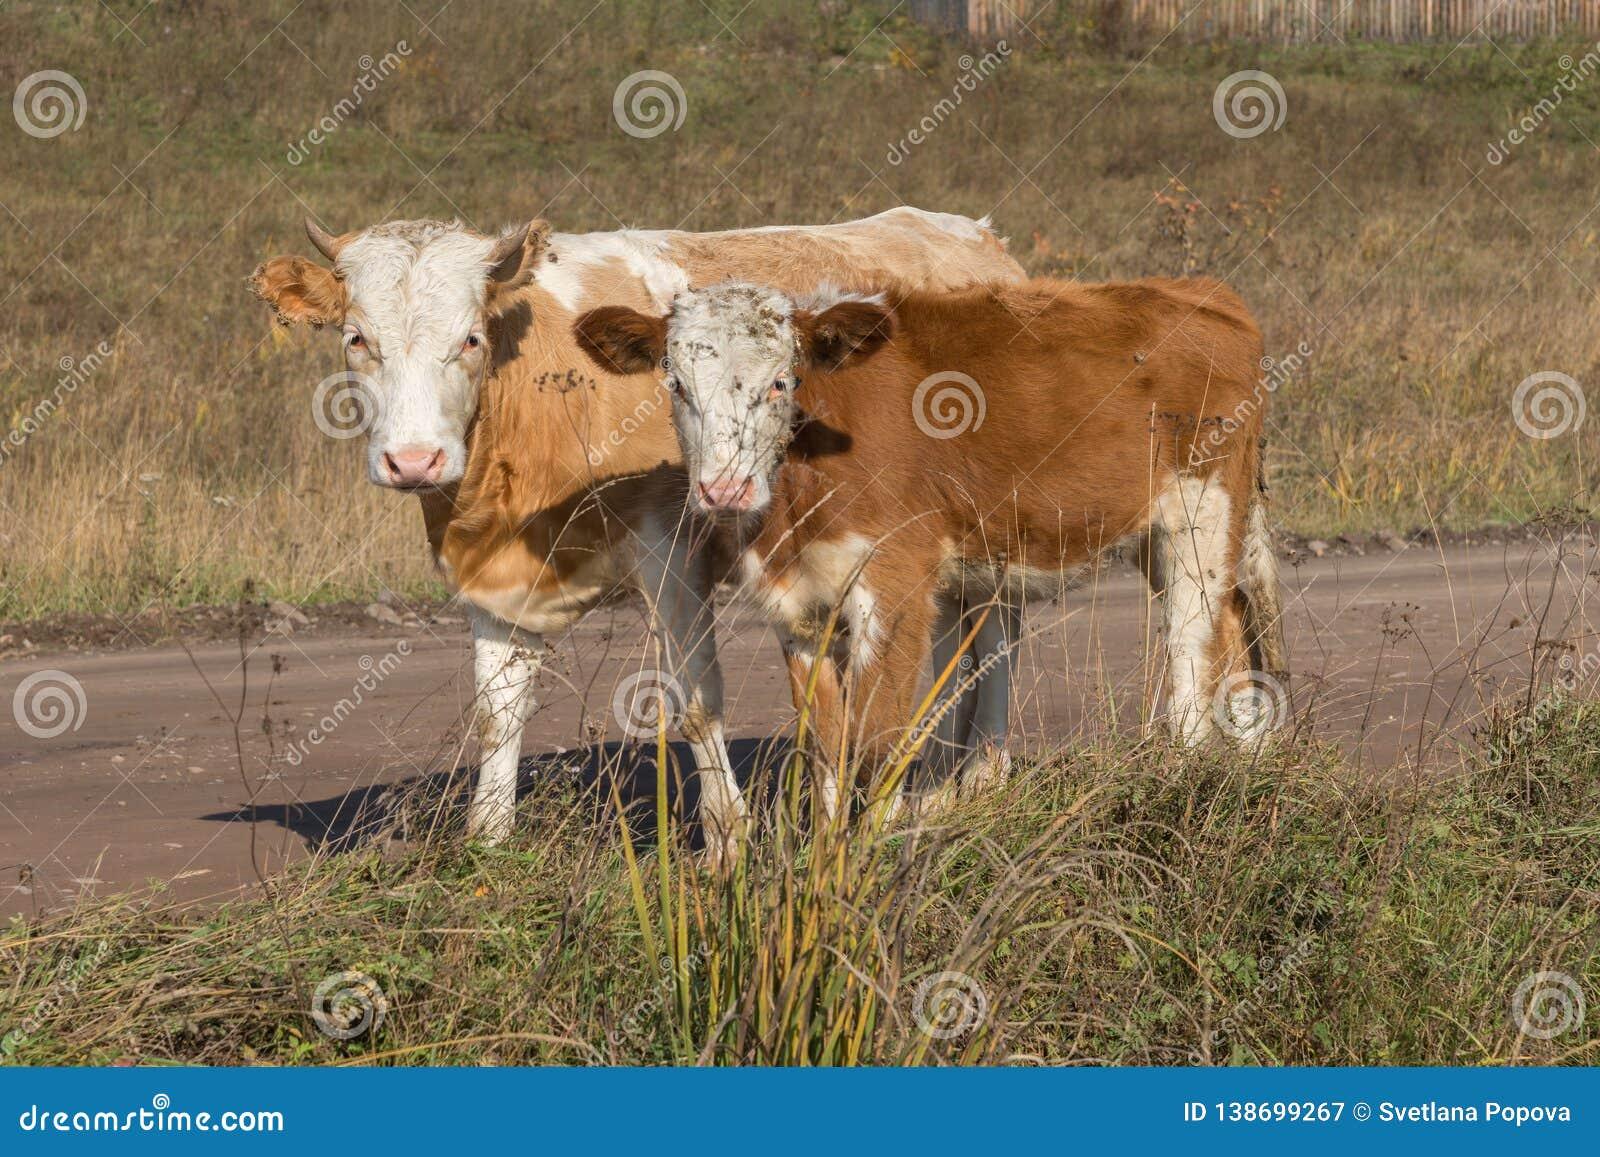 Ο νέοι ταύρος και ο μόσχος στέκονται στο δρόμο στα πλαίσια της χλόης το φθινόπωρο